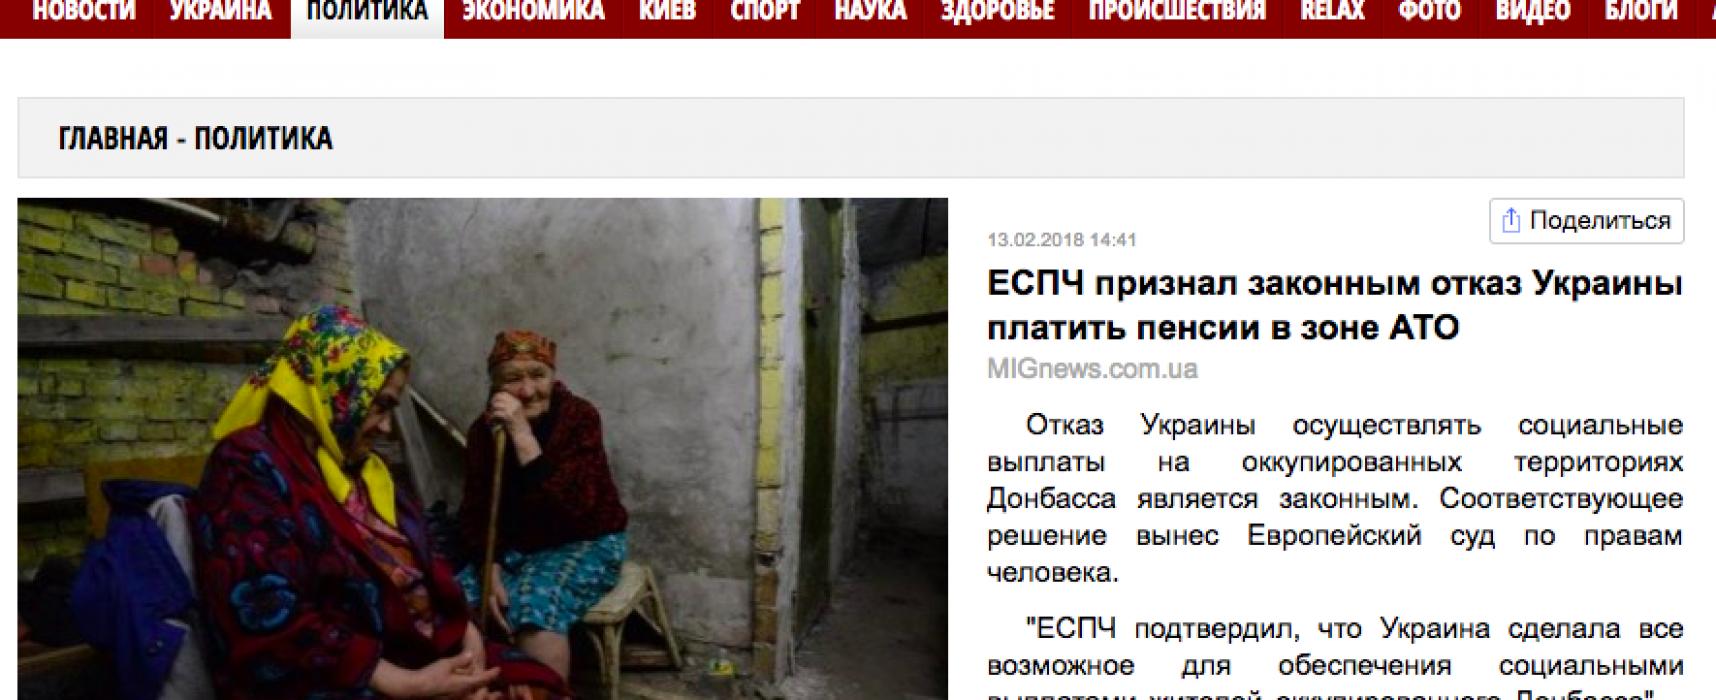 Fake: L'Europe approuve l'arrêt du versement des retraites pour le Donbass